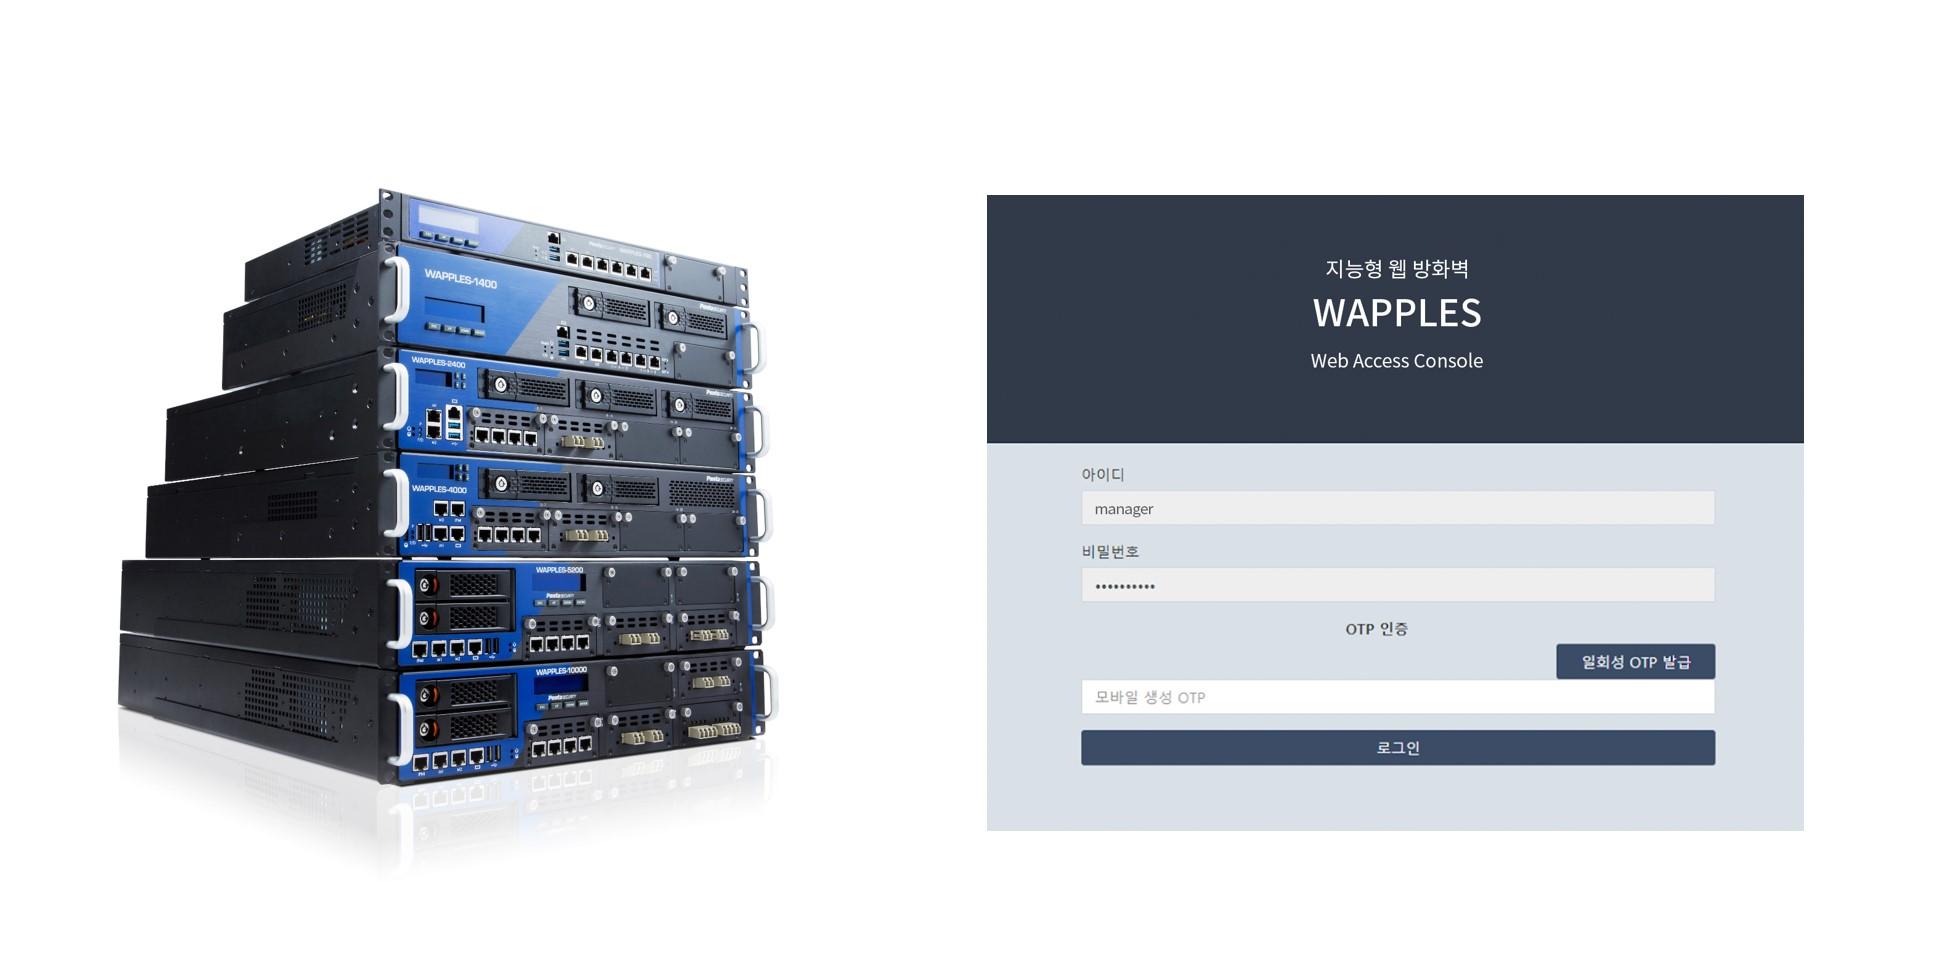 웹방화벽 WAPPLES